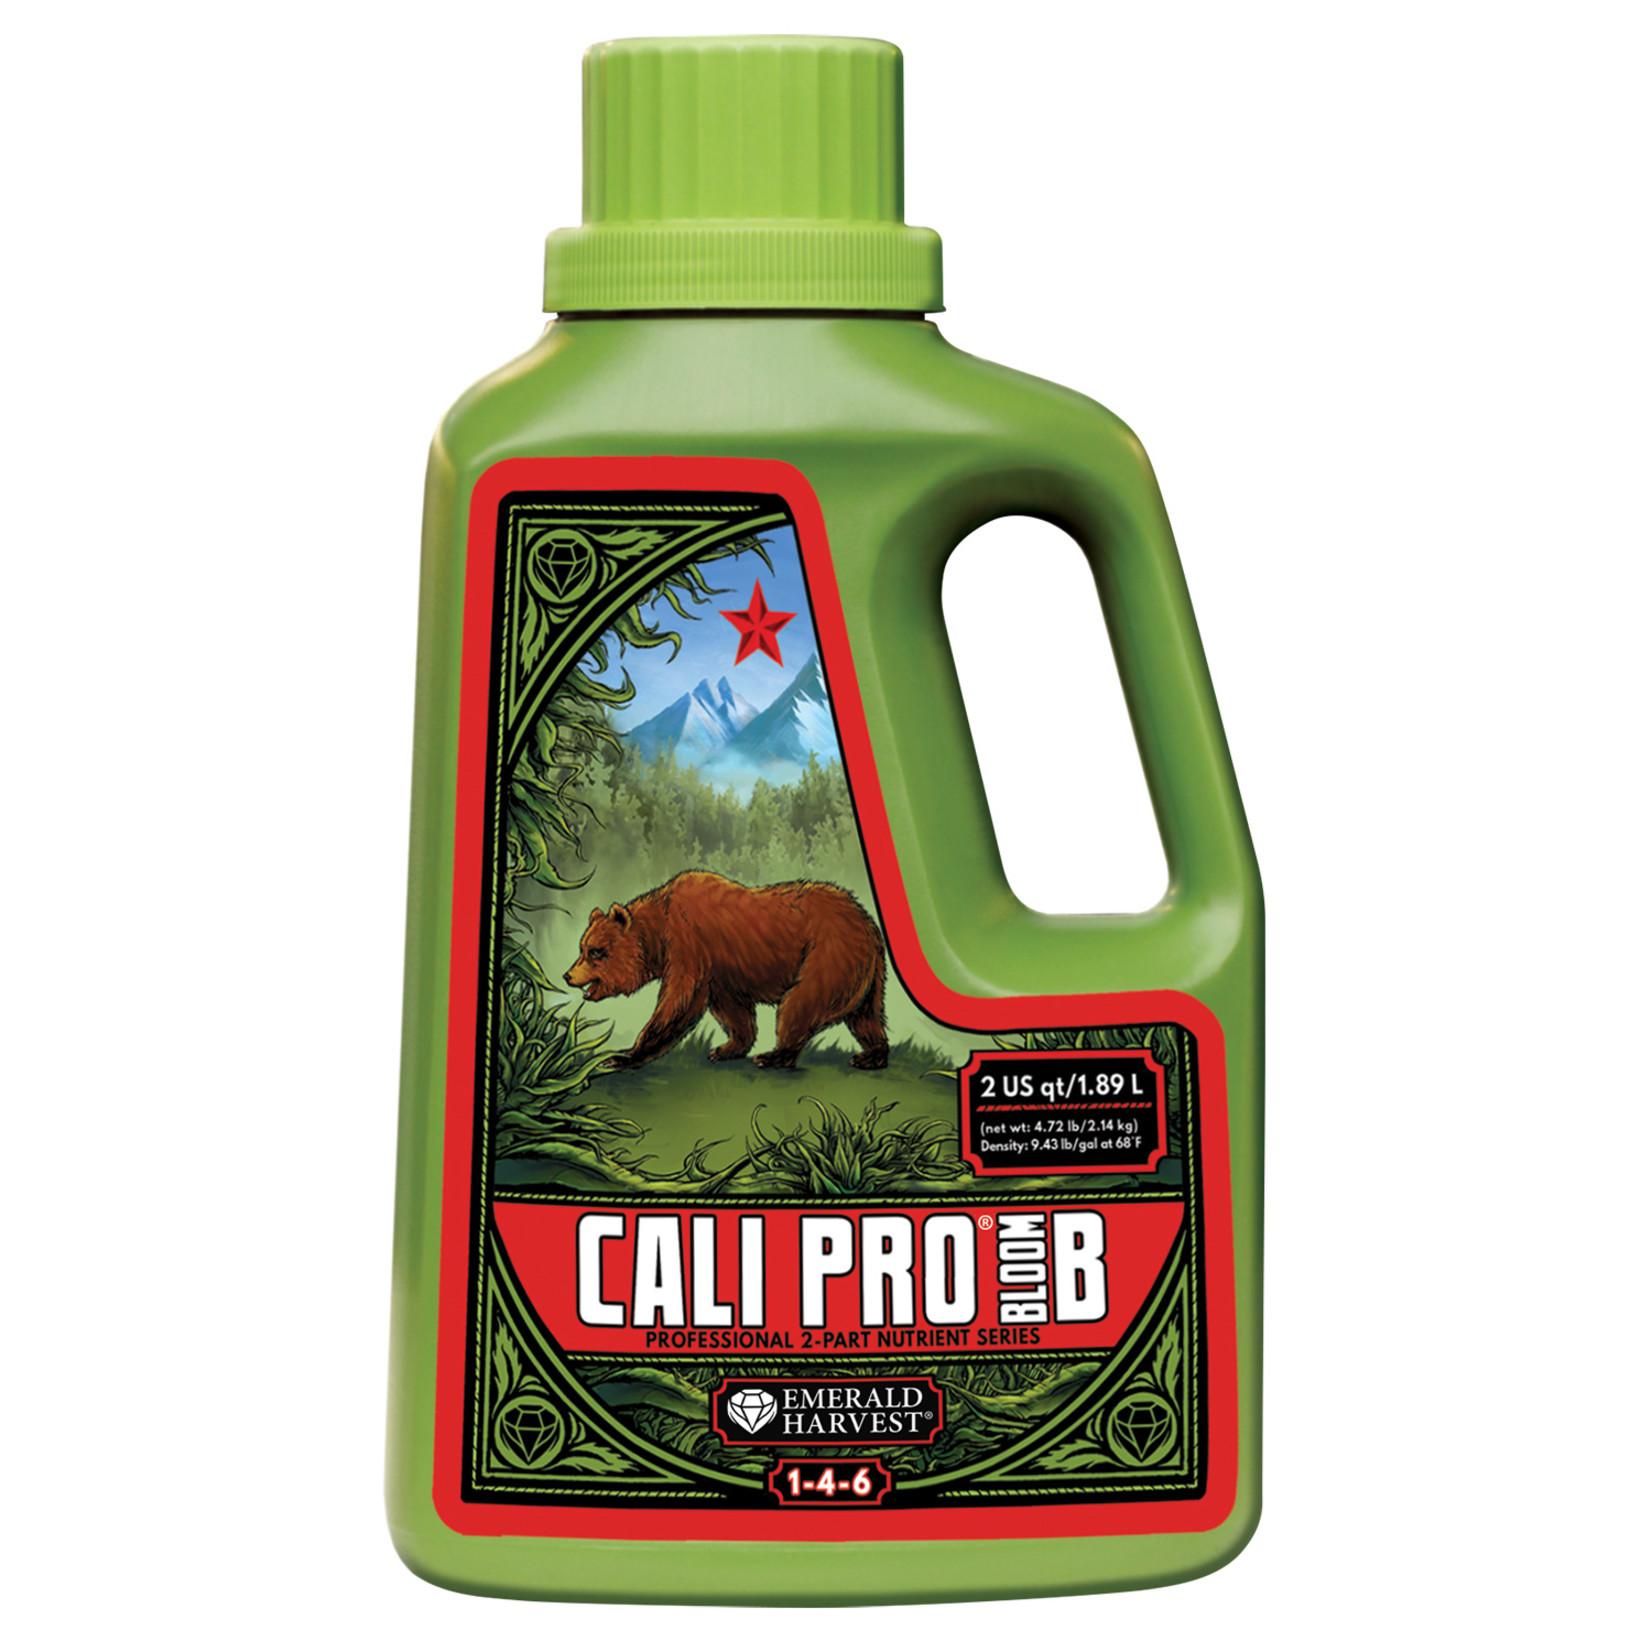 Emeral Harvest Emerald Harvest Cali Pro Bloom B Quart/0.95 Liter